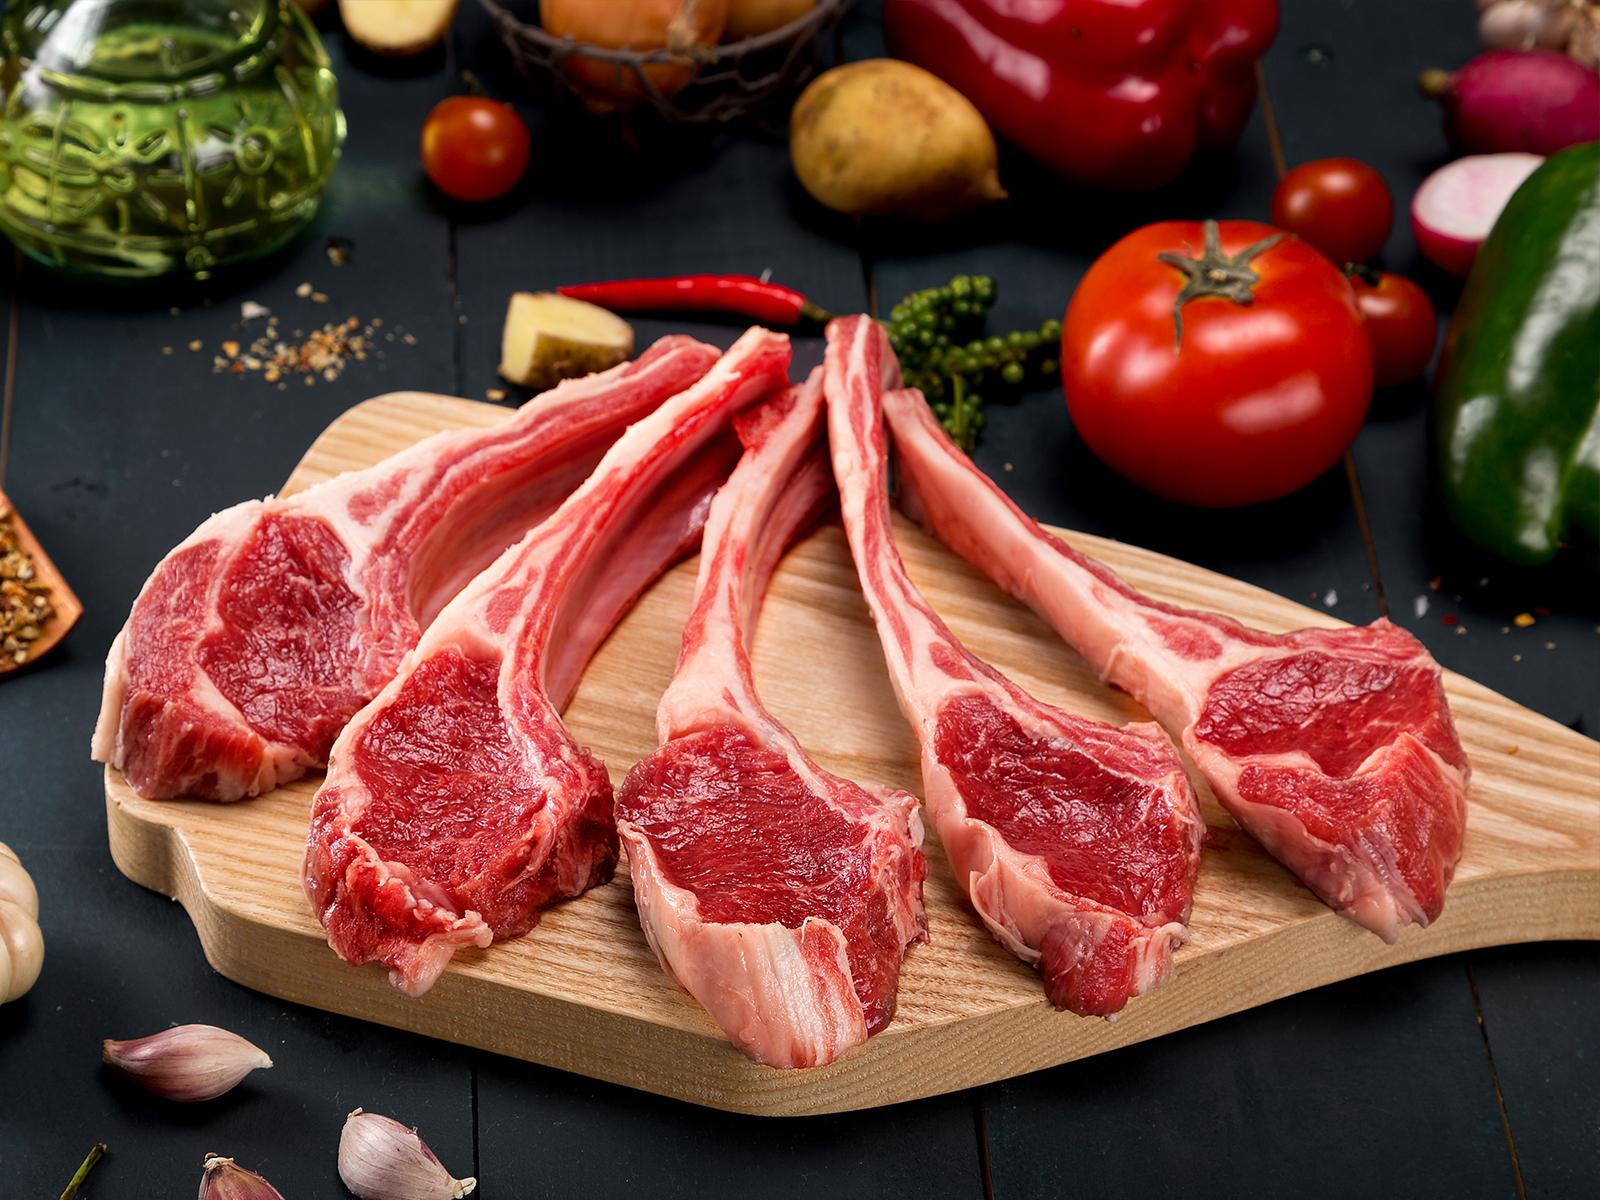 Làm sao để chế biến thịt cừu không bị hôi ?